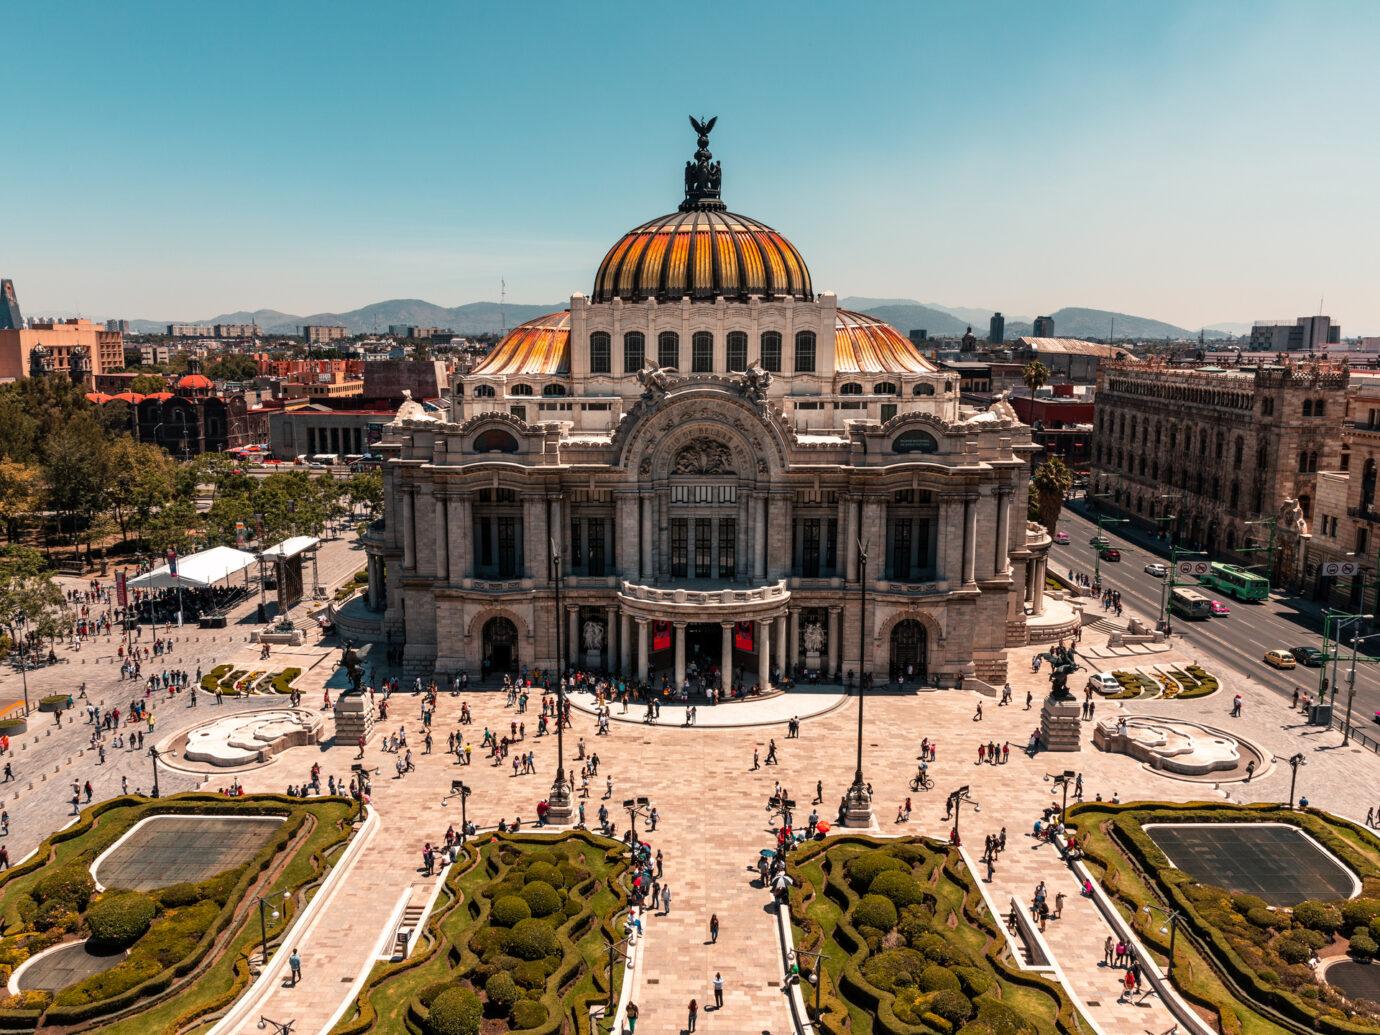 Palacio de Bellas Artes captured from Cafe Don Porfirio.